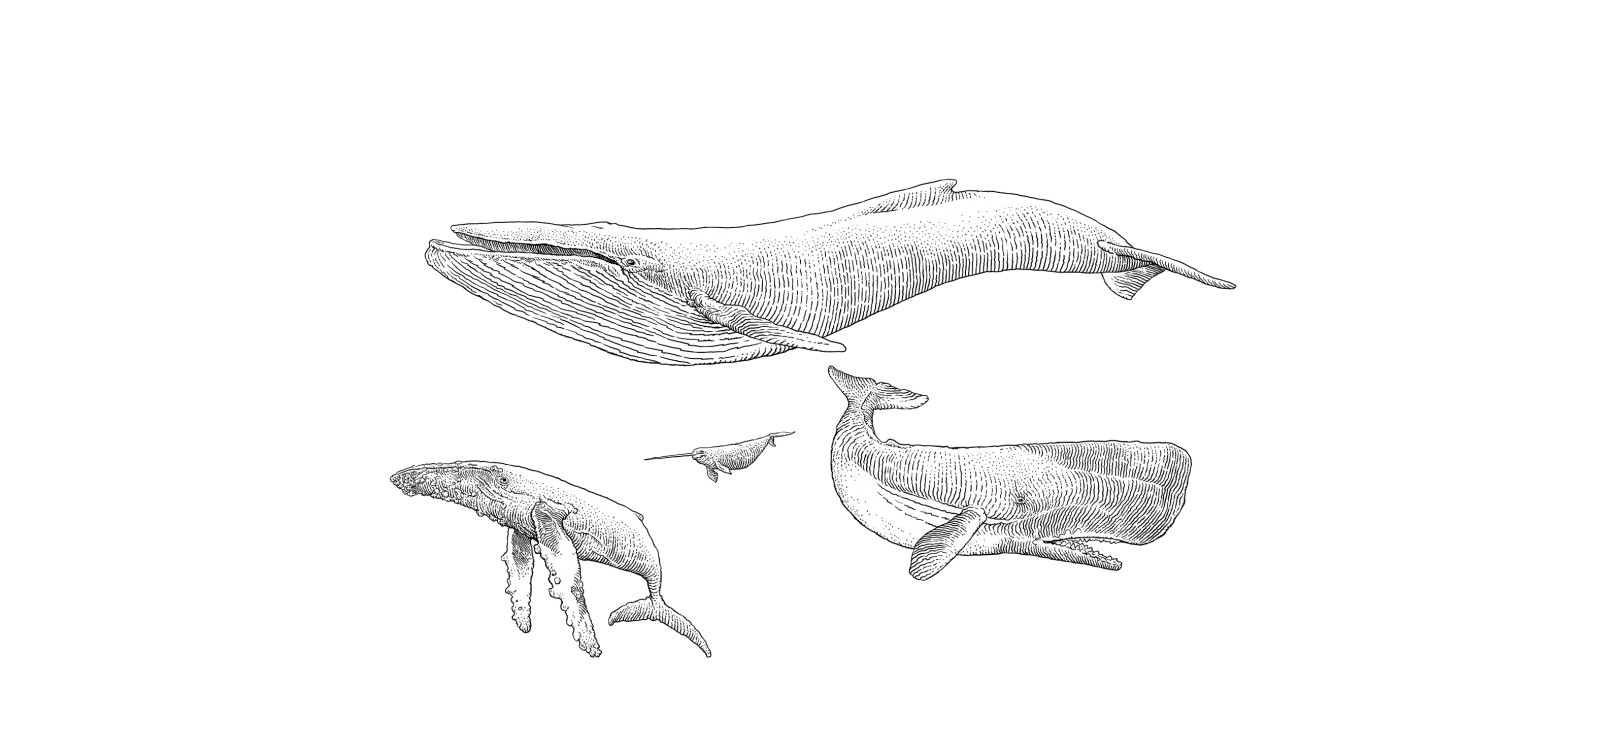 75be9c36f86d1d Wielorakie wieloryby - Kwartalnik Przekrój